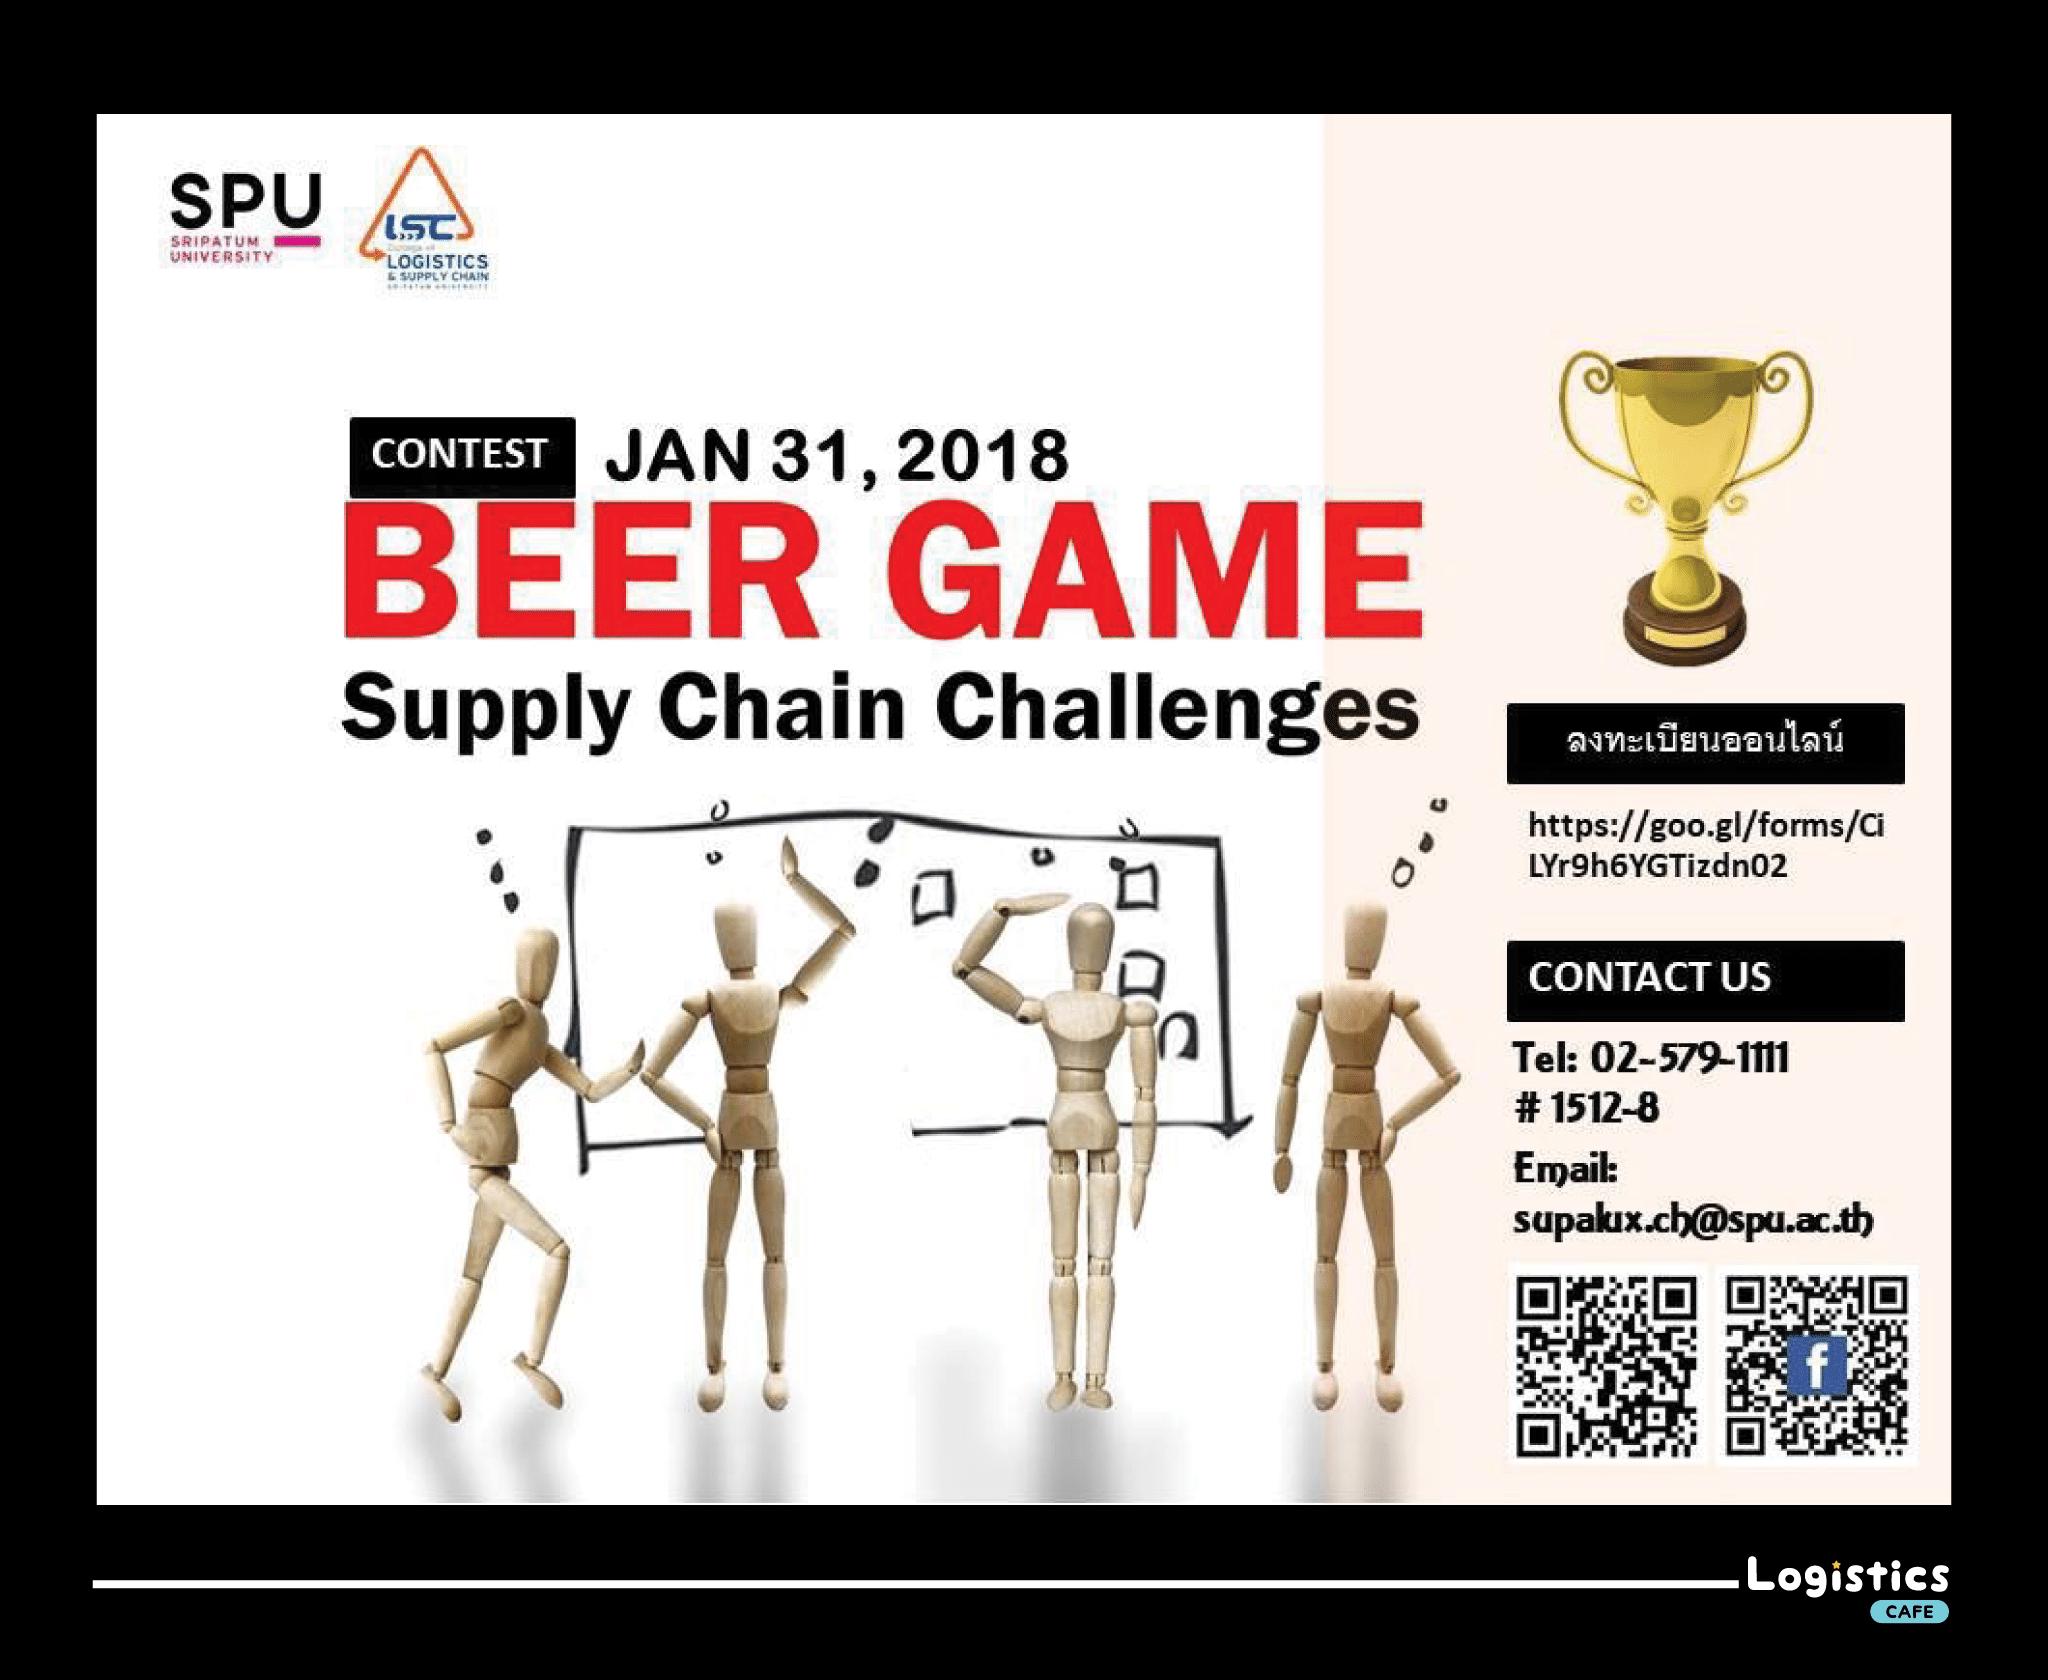 โลจิสติกส์ วิทยาลัยโลจิสติกส์และซัพพลายเชน ม.ศรีปทุม จัดแข่งขัน Beer Game Contest